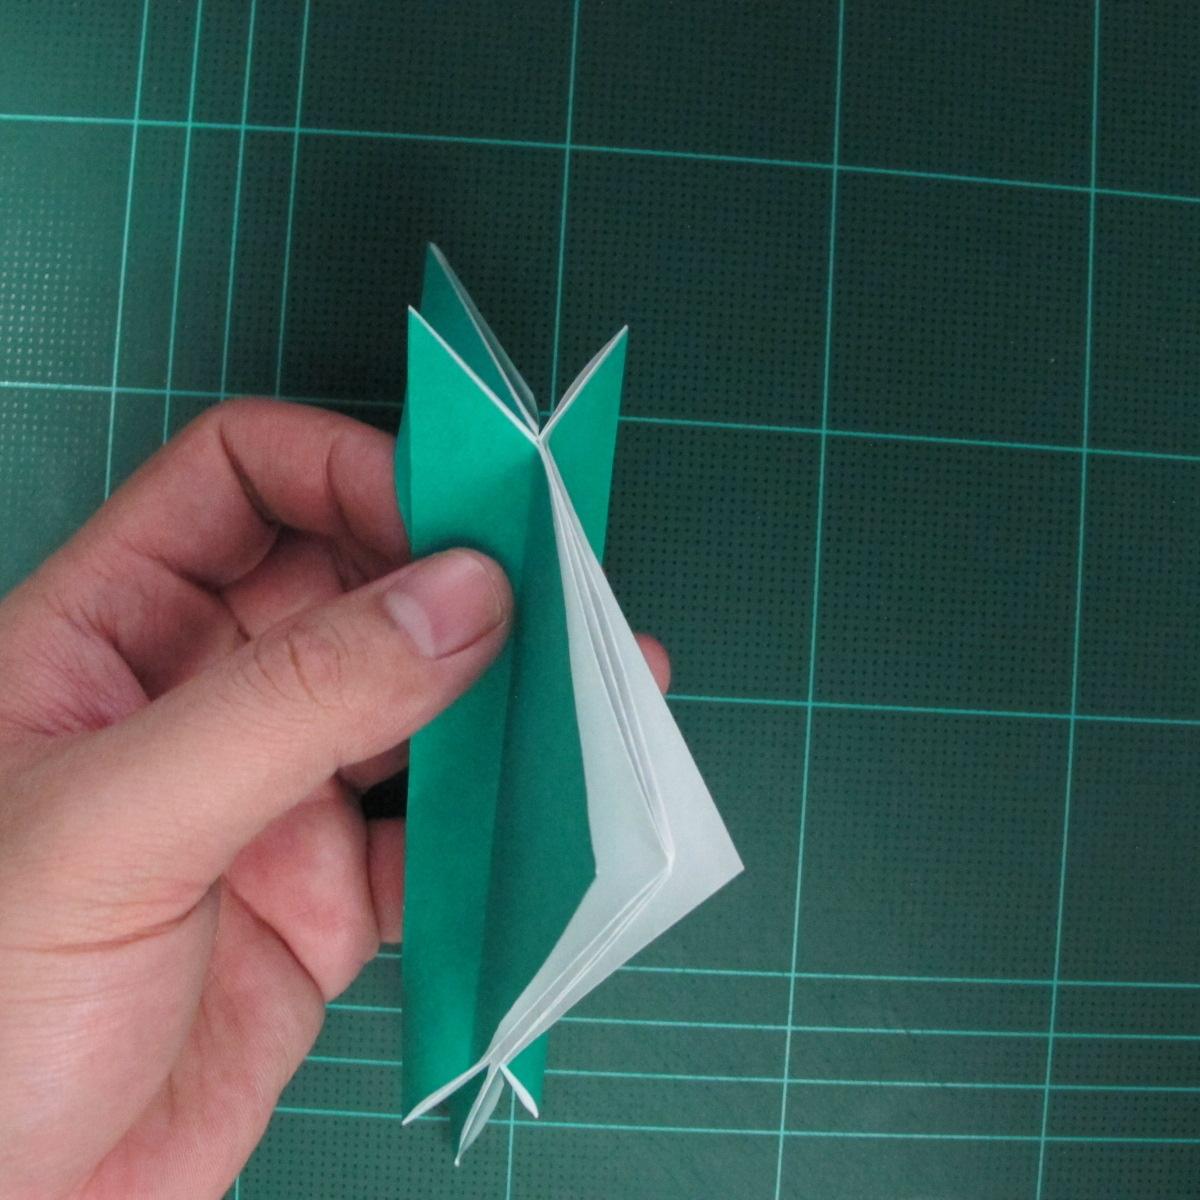 การพับกระดาษเป็นรูปเรือมังกร (Origami Dragon Boat) 021